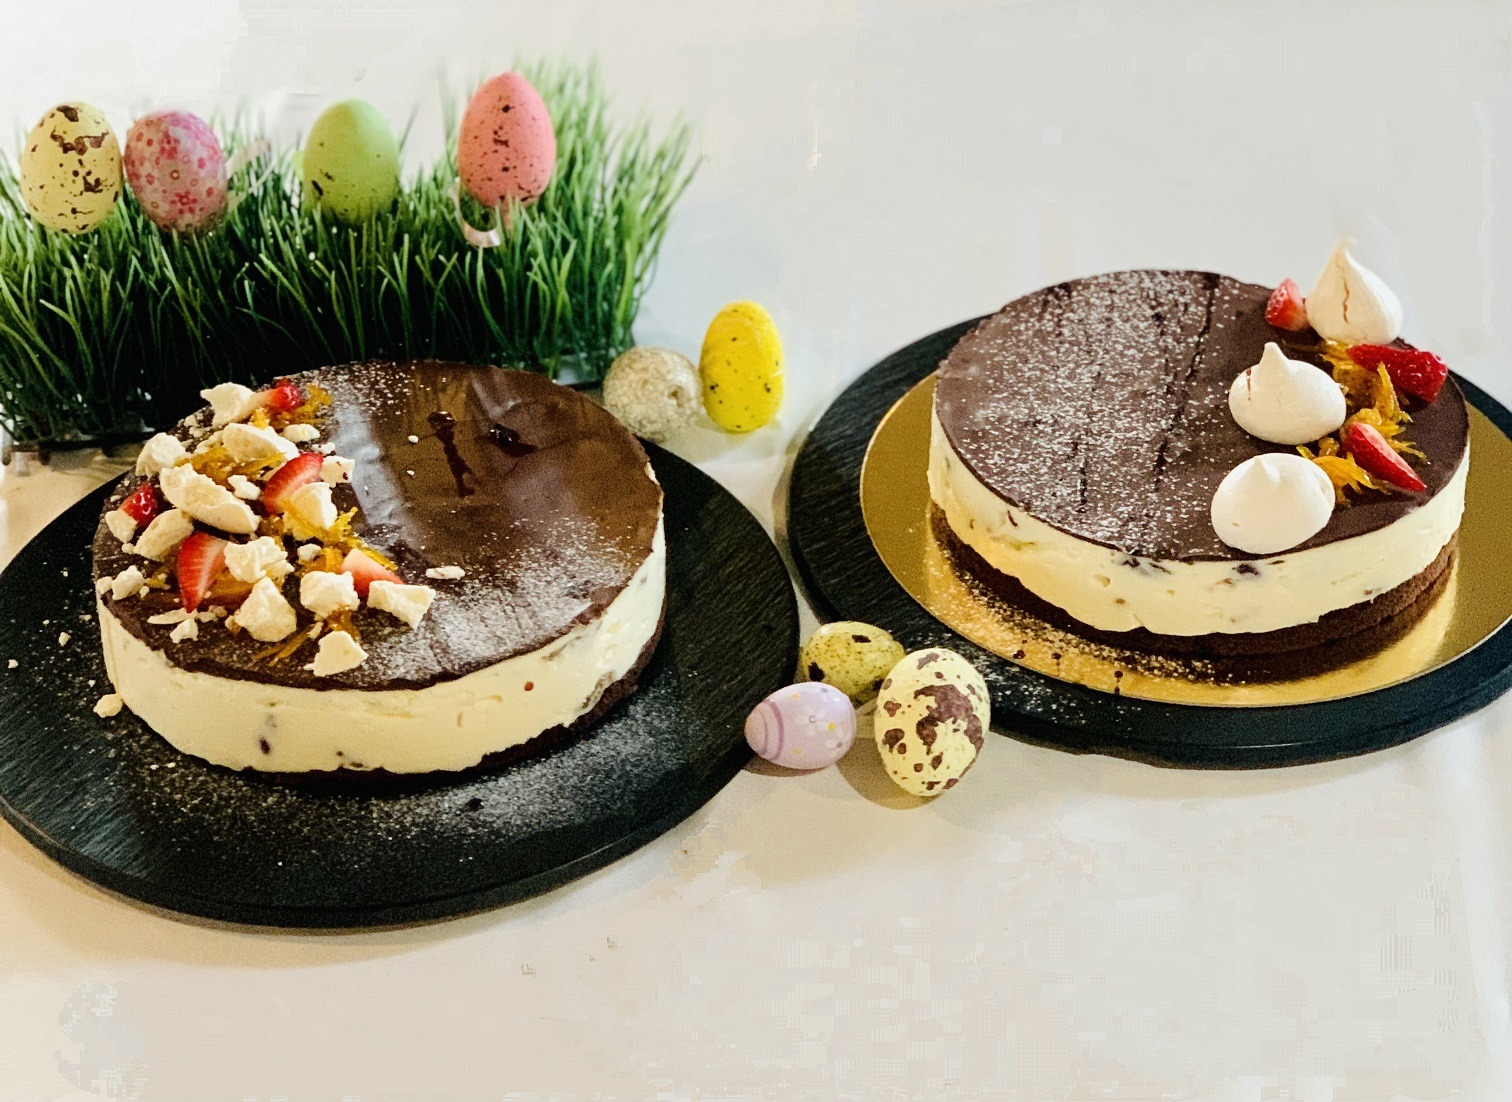 wielkanoc2 - Słodkie przepisy na Wielkanoc od pomorskich cukierników i restauratorów